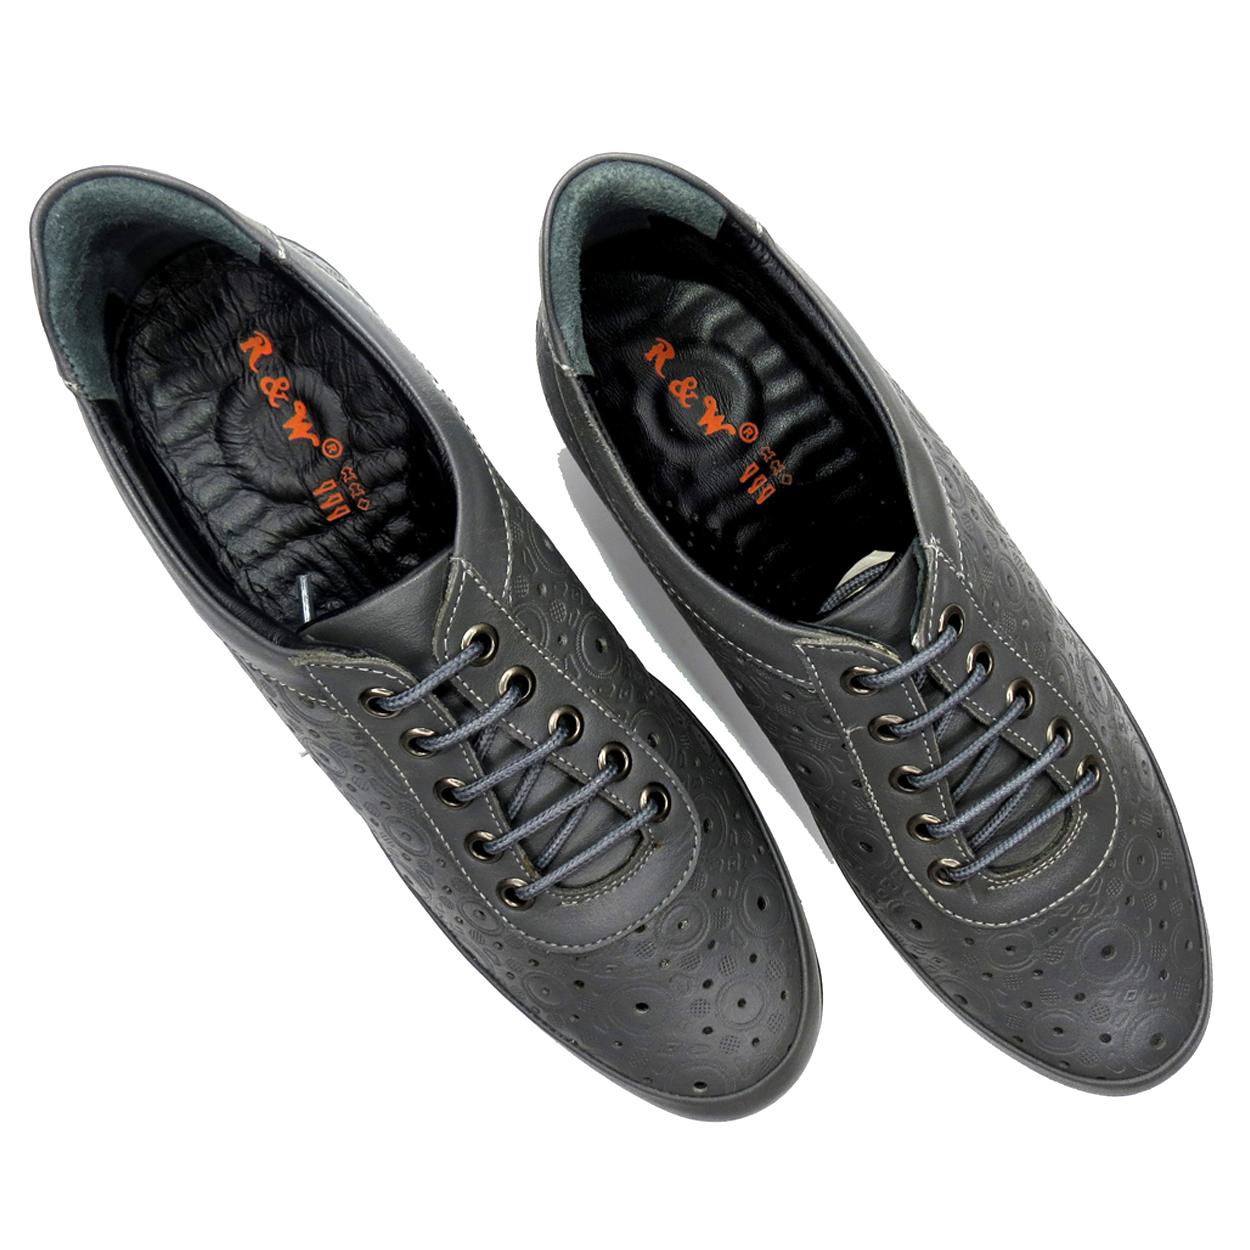 کفش روزمره زنانه آر اند دبلیو مدل 538 رنگ طوسی -  - 8